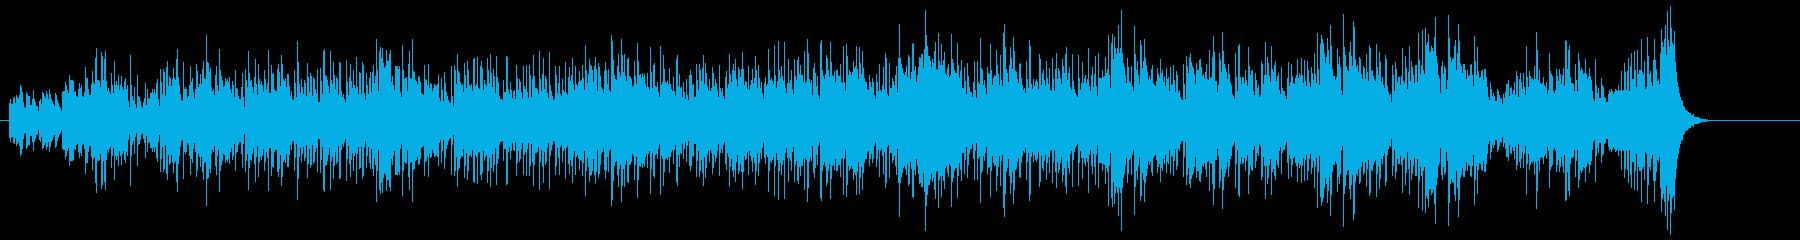 マリンバ・アンサンブル(中南米の清い風)の再生済みの波形